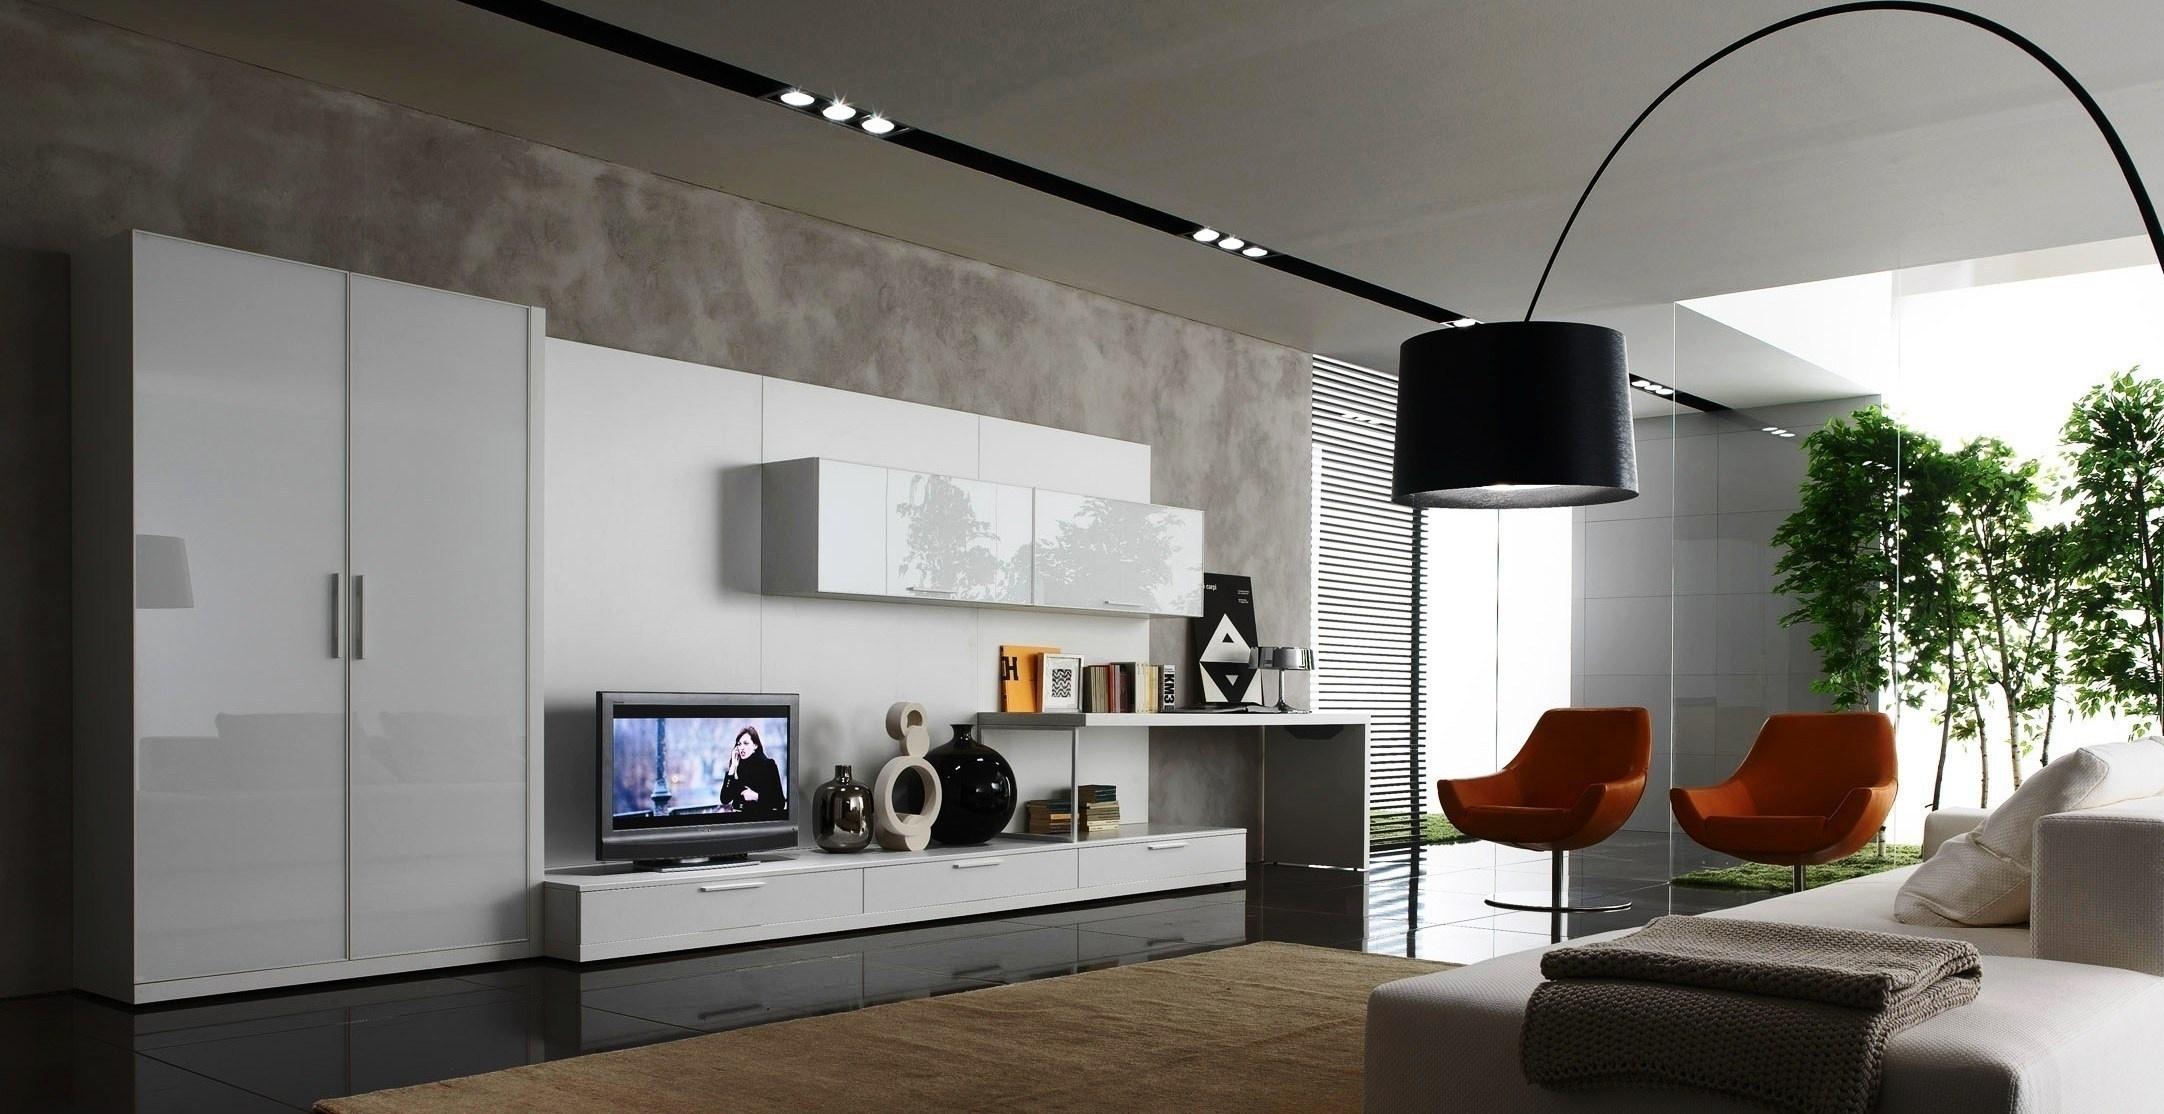 96628 скачать обои Дизайн, Интерьер, Разное, Диван, Мебель, Современный, Гостиная, Телевизор - заставки и картинки бесплатно